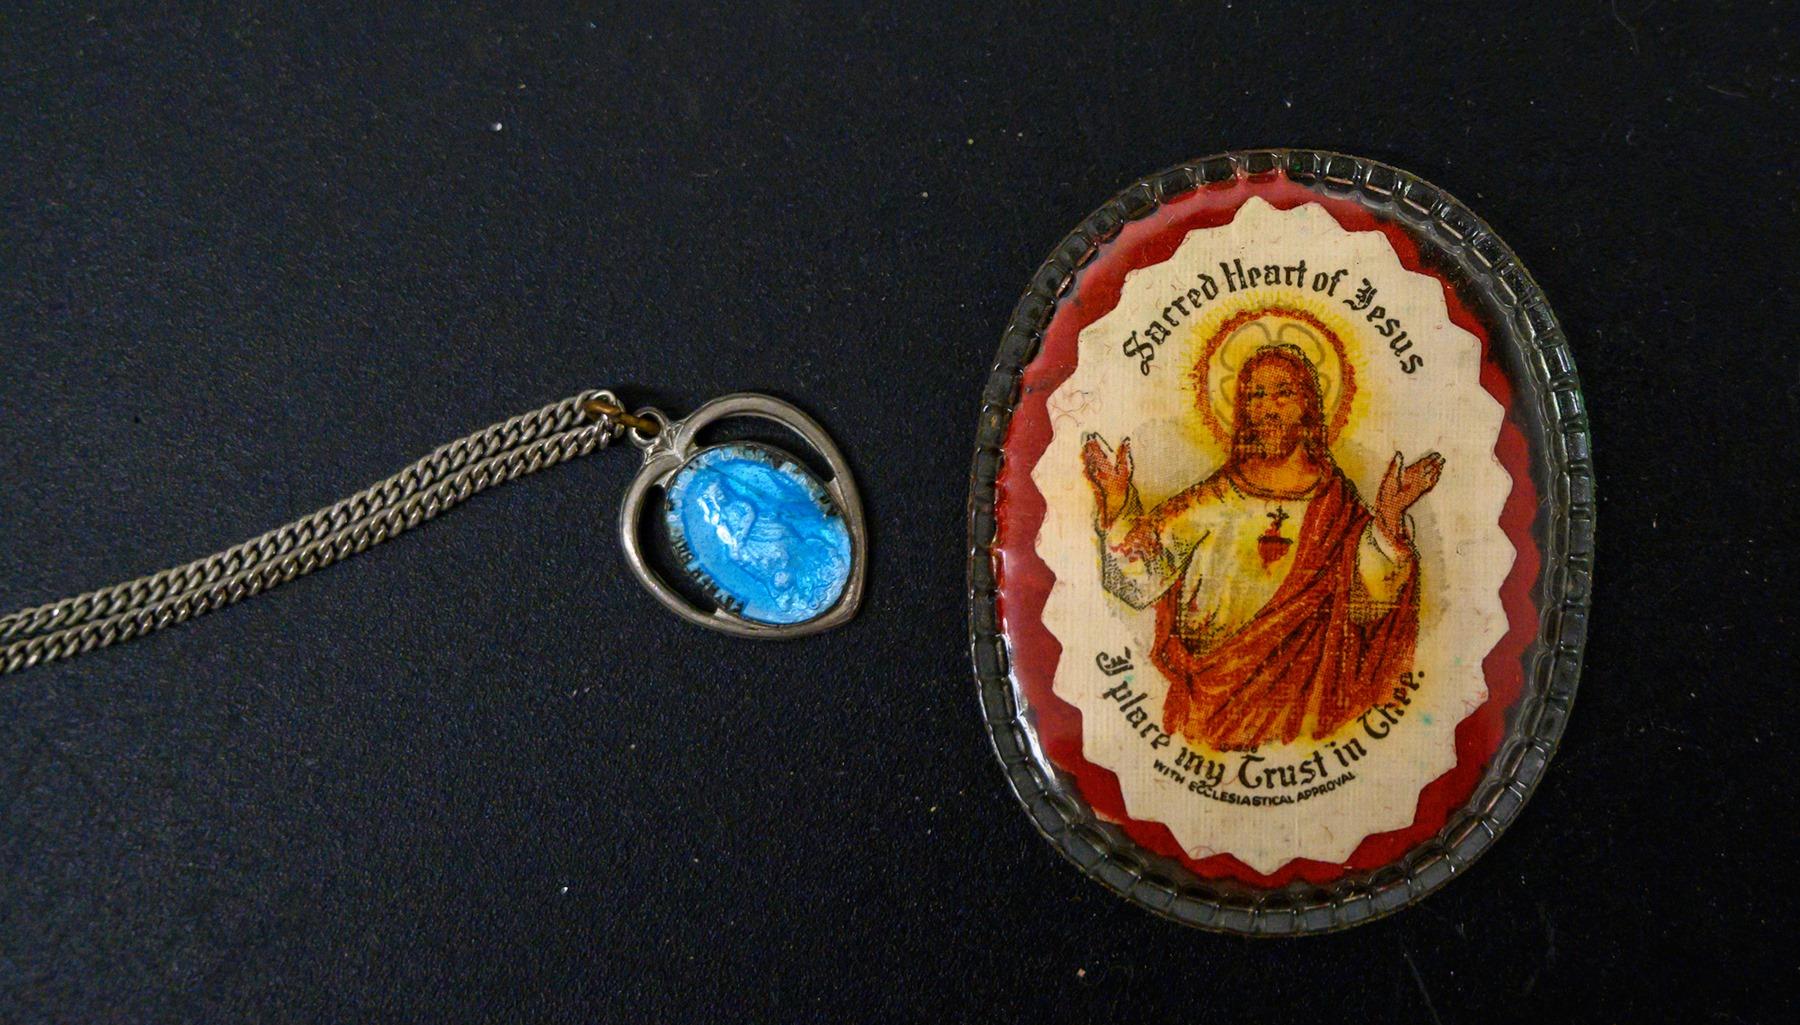 Το μενταγιόν με την γαλάζια πέτρα και η εικόνα του Ιησού στην τσάντα της Πάτι